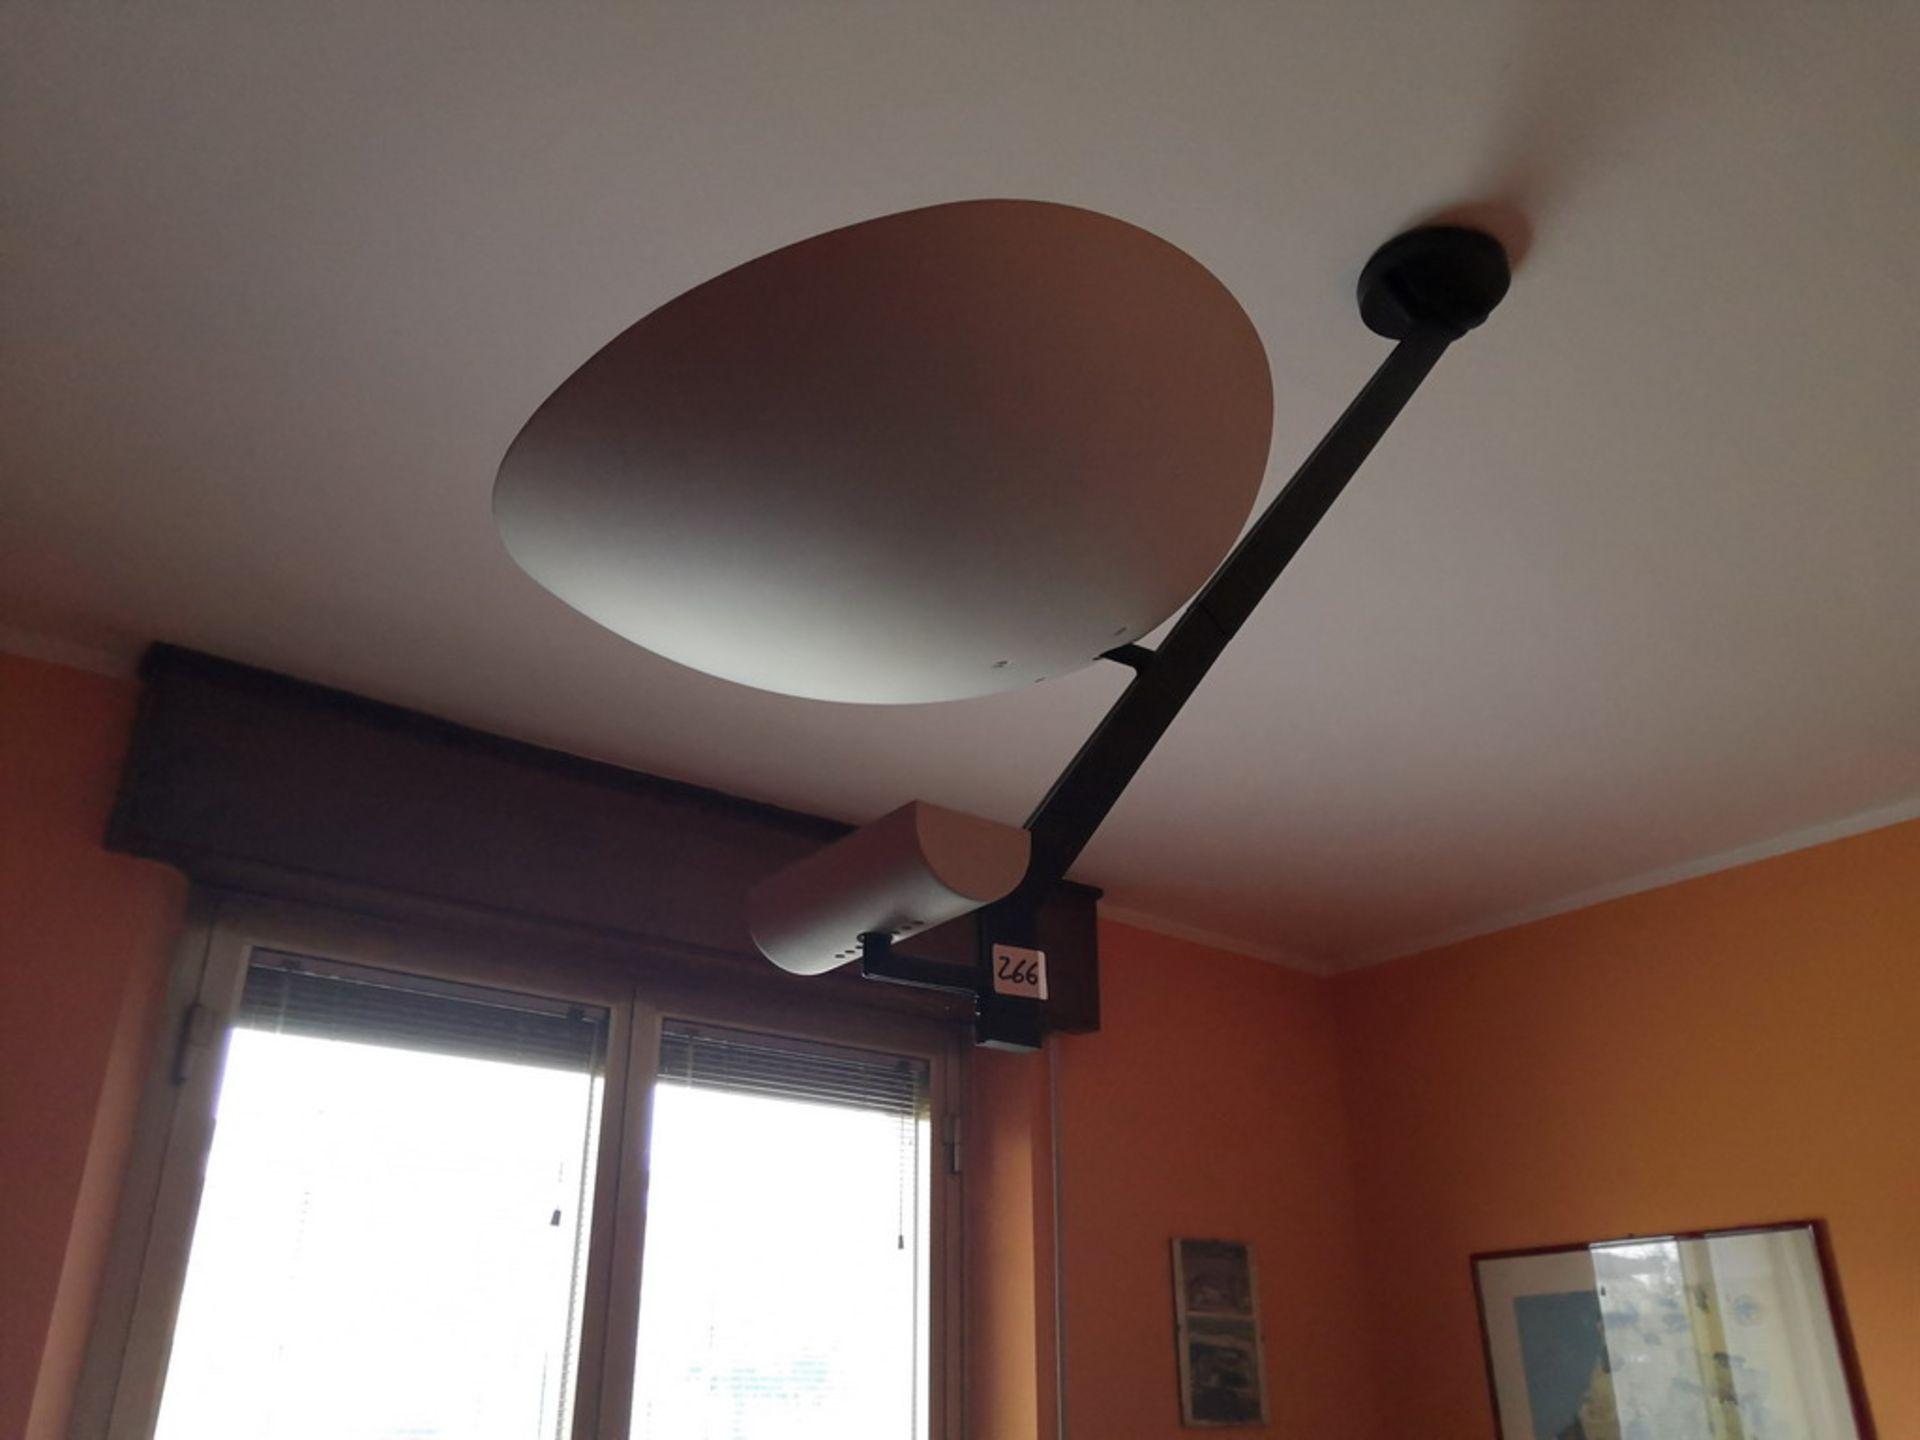 Lot 127 - LOTTO 1 (775 FALLIMENTO) 95) N° 2 LAMPADE PIANTANE IN METALLO VERNICIATO NERO € 100,00, 125) PORTA